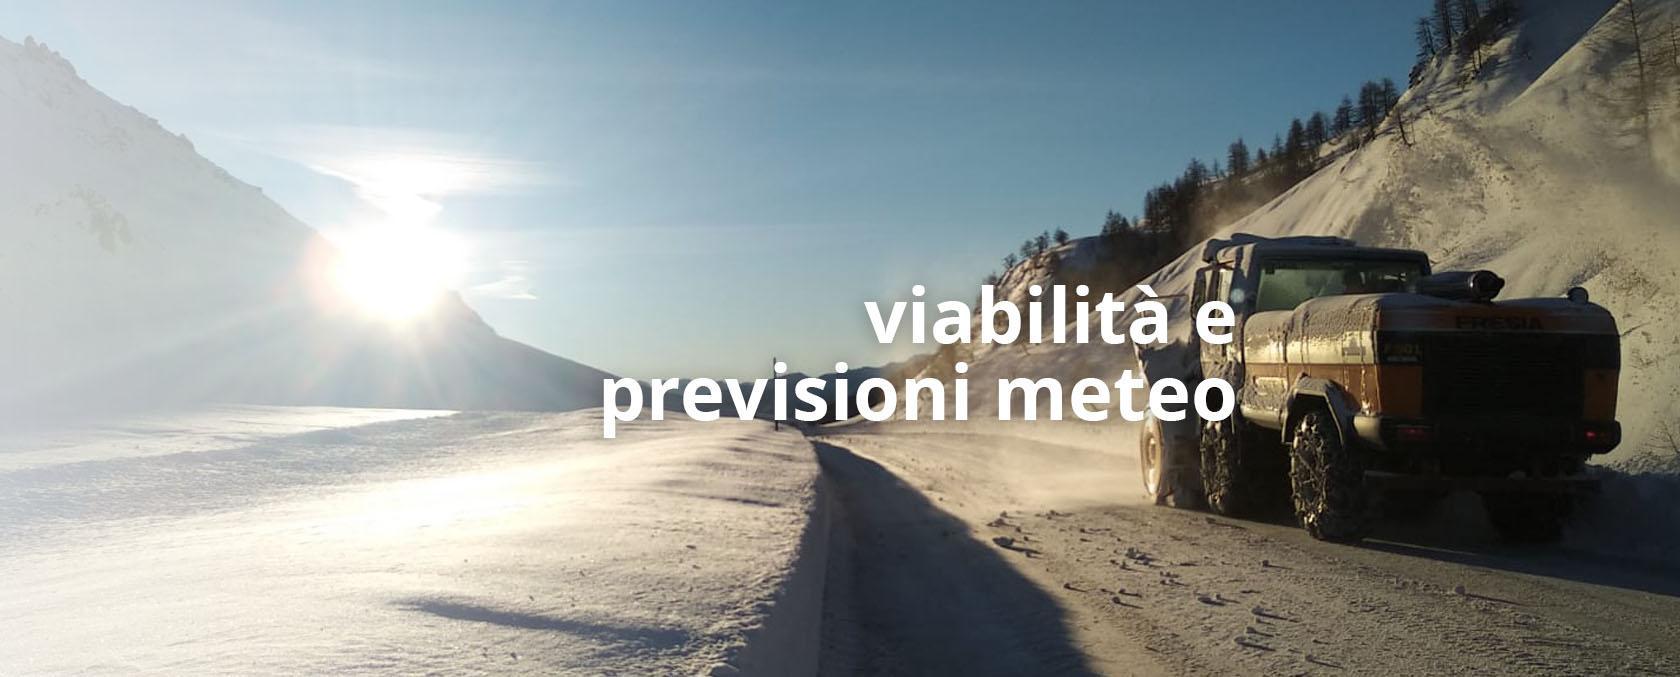 Immagine di una strada innevata con veicolo spazzaneve in azione - naviga alla pagina viabilità-invernale-il-piano-neve-anas